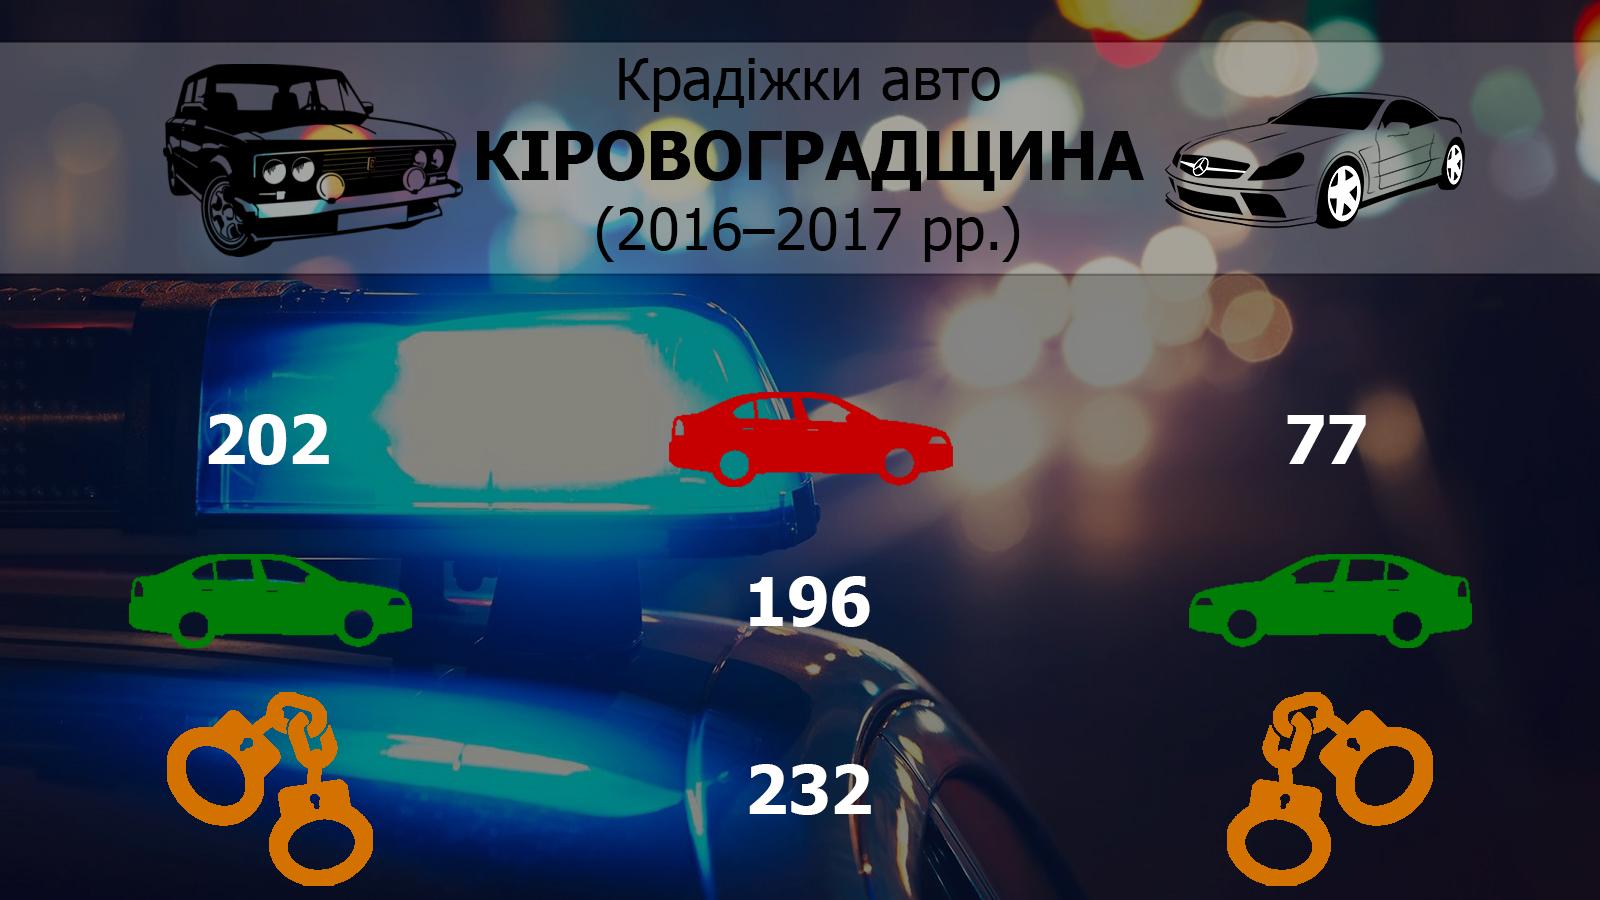 Як викрадають елітні автівки на Кіровоградщині та чому правоохоронцям складно шукати злодіїв 1